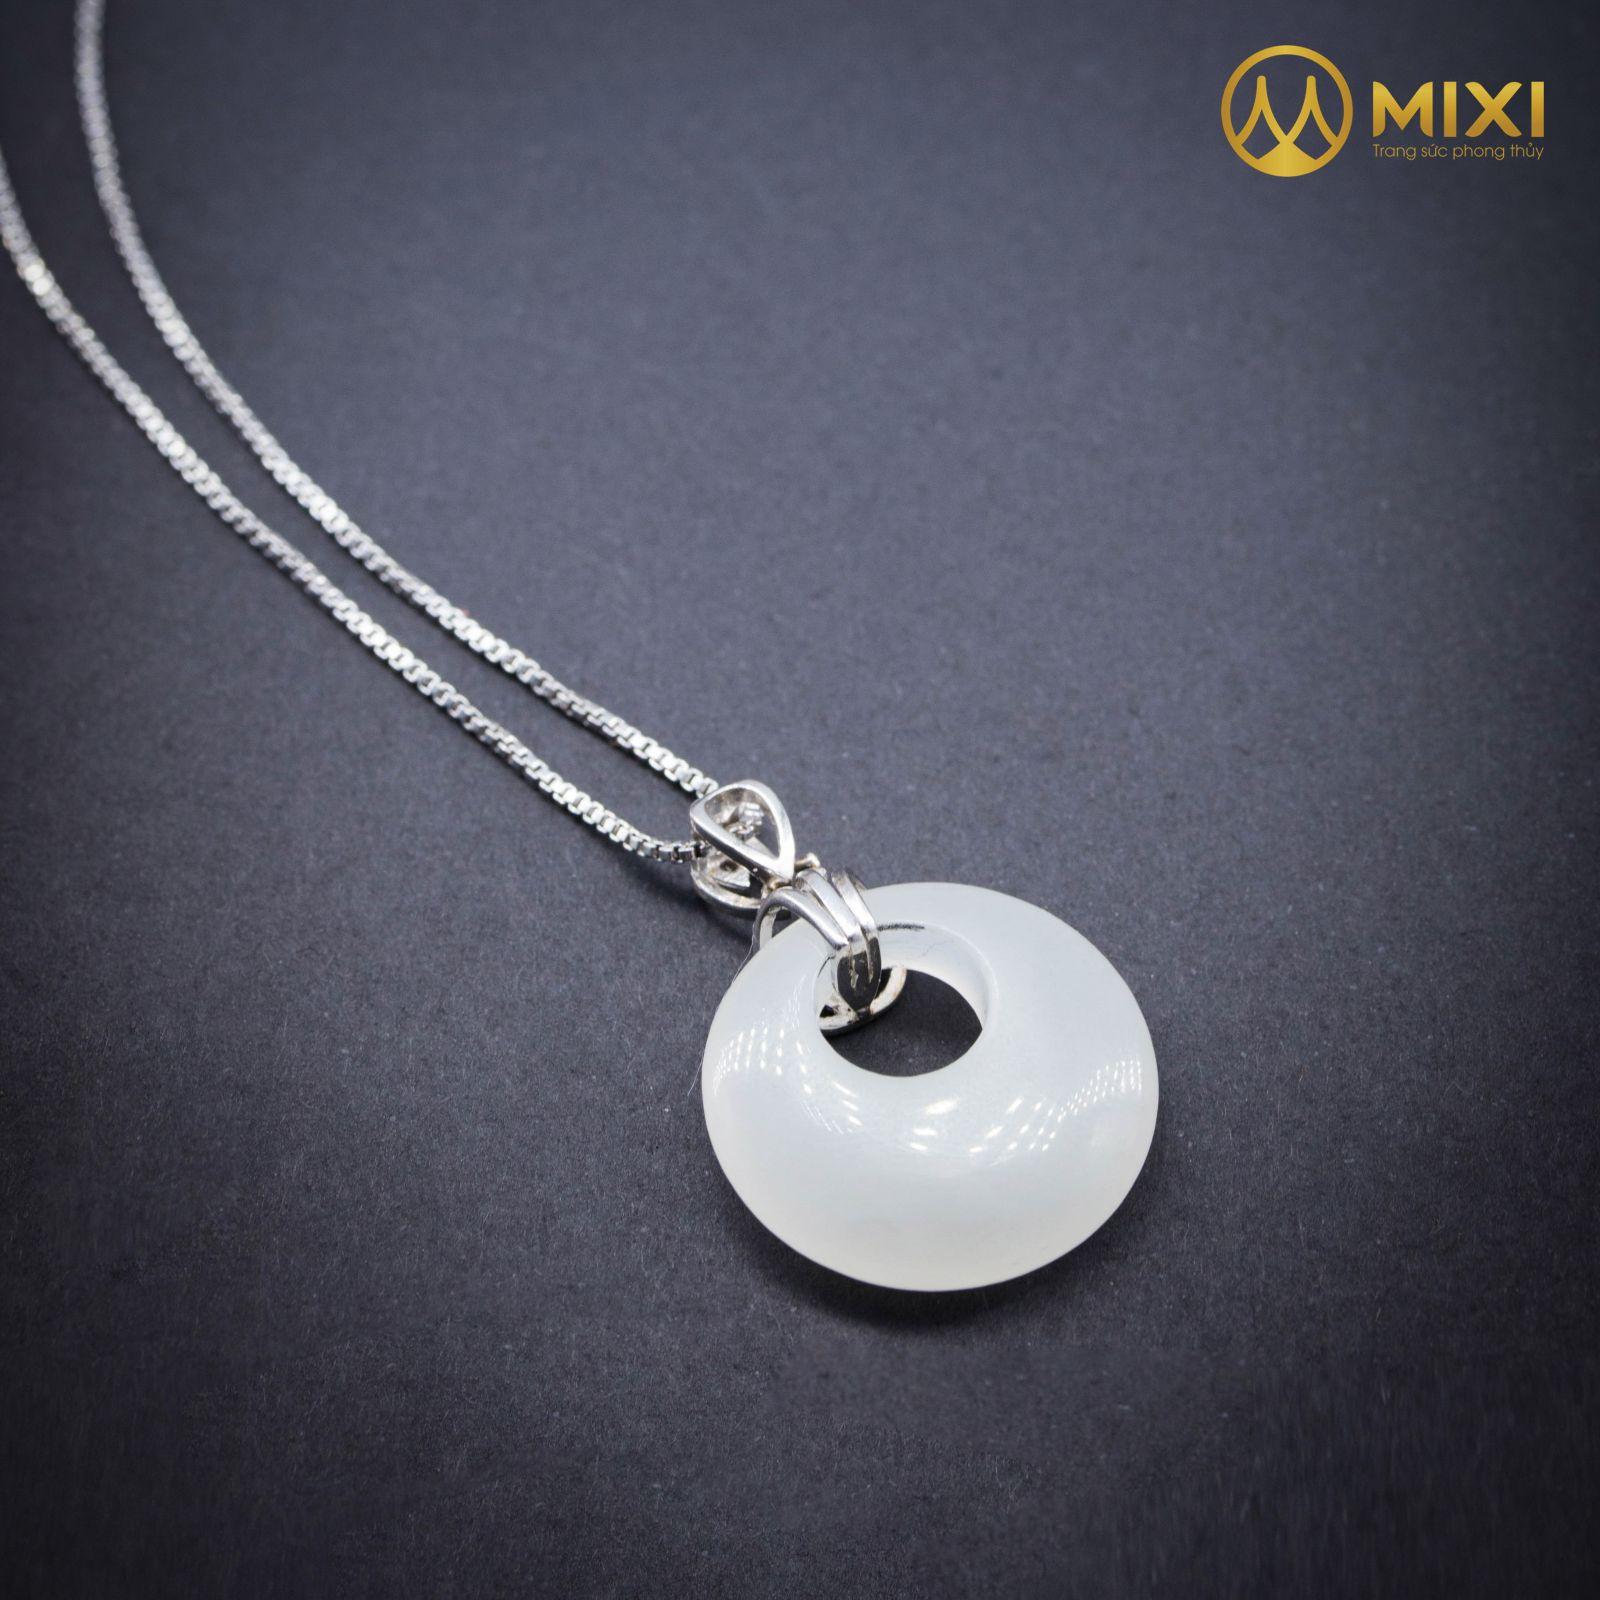 Mặt Dây Chuyền Bạc Bạch Ngọc Onyx Marble Đồng Điếu